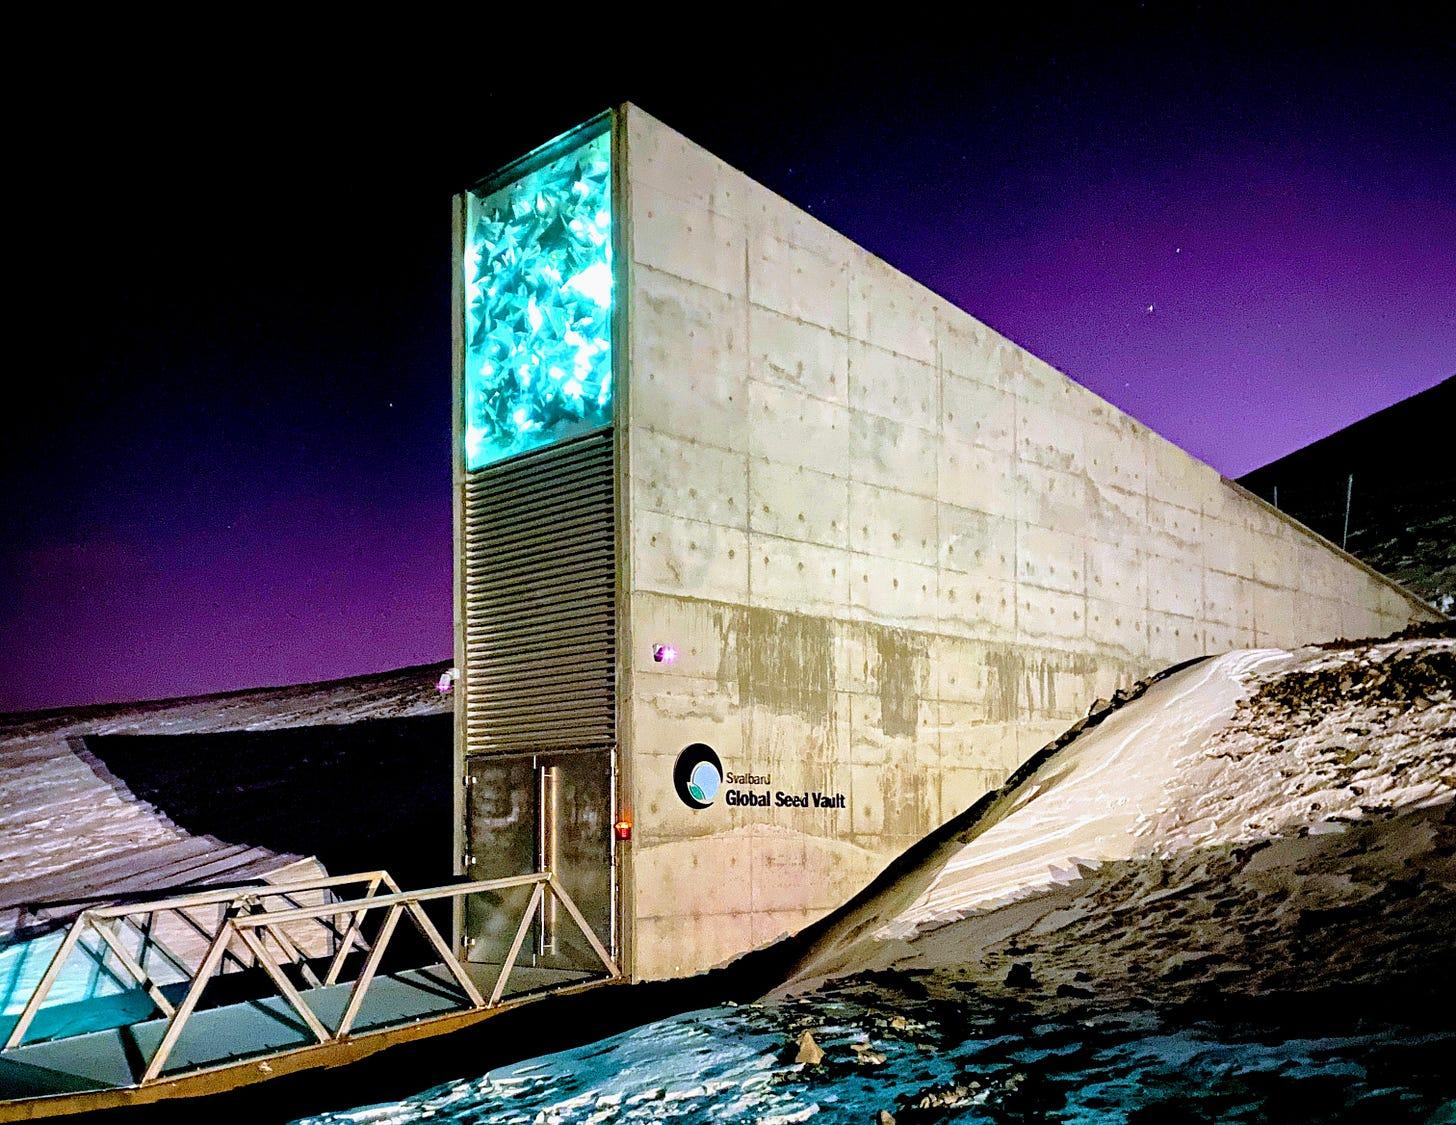 Svalbard Global Seed Vault - Wikipedia